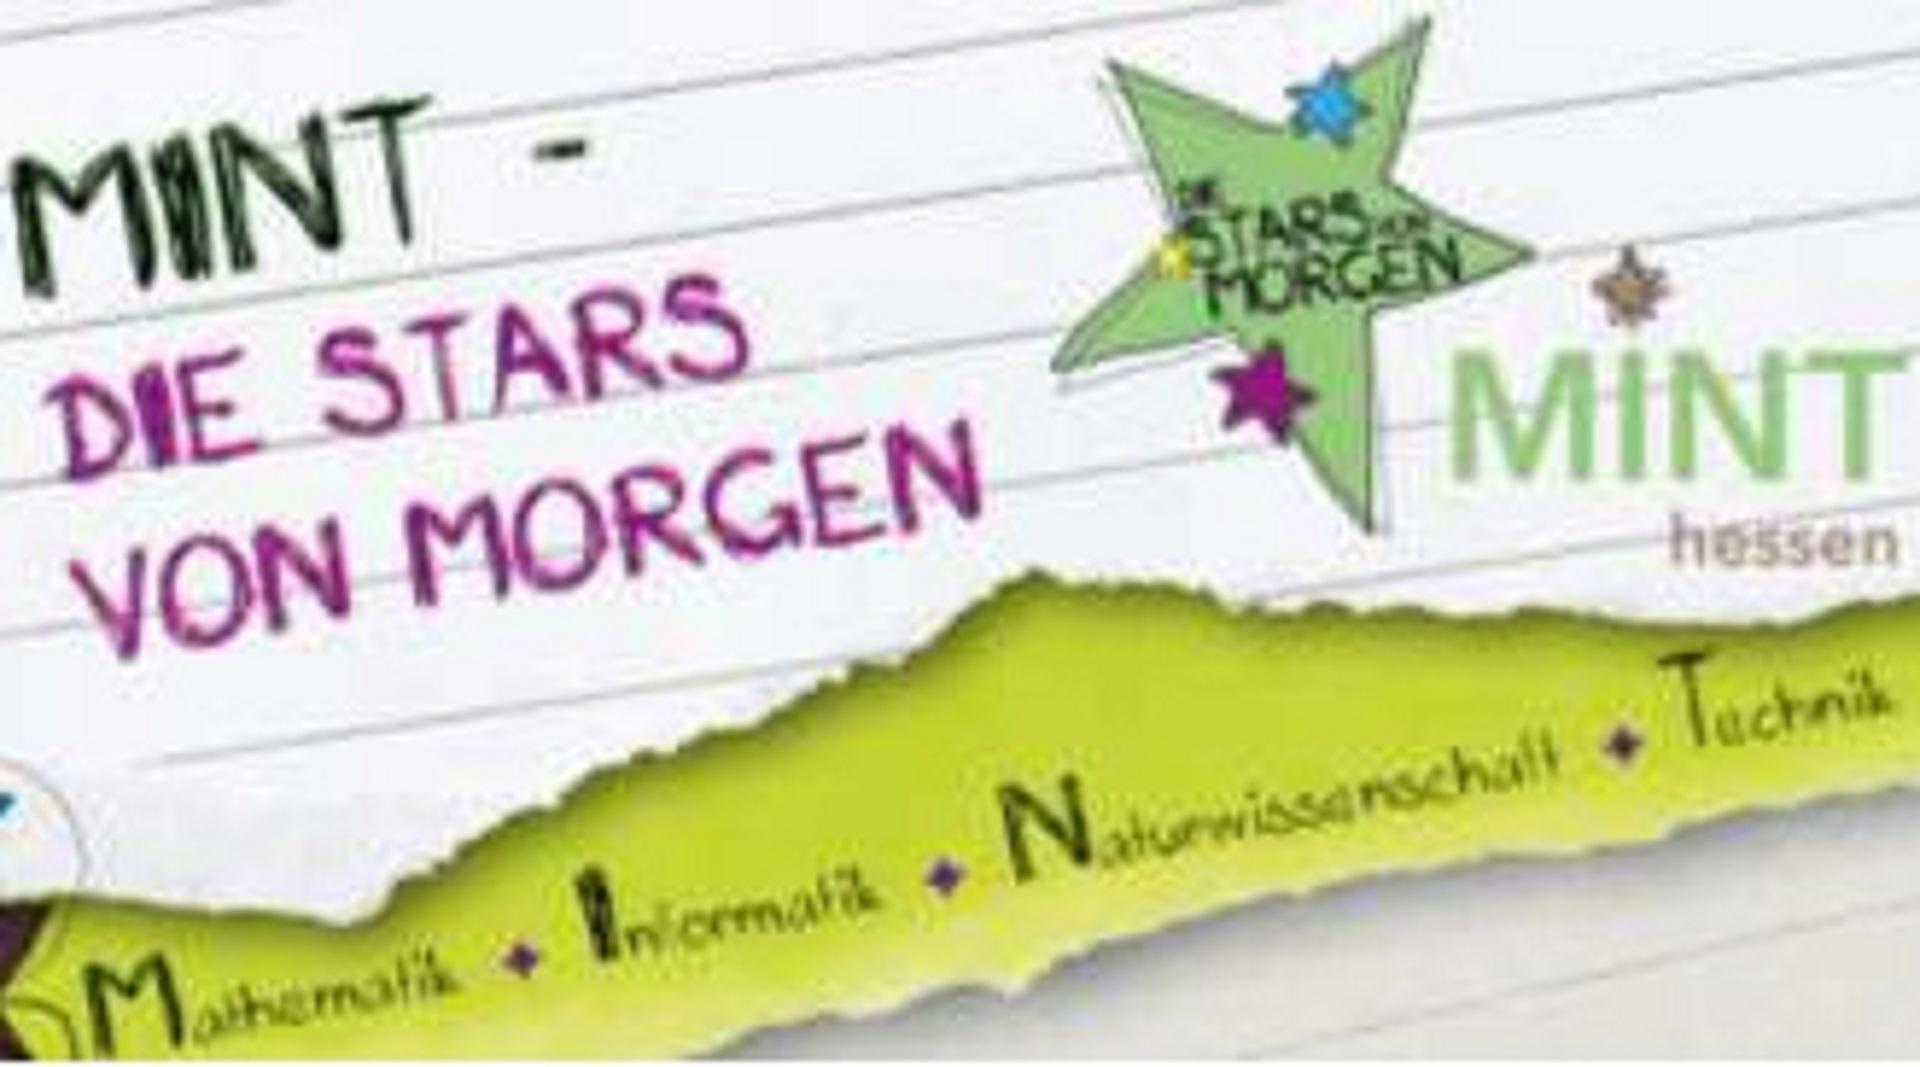 """Unsere MINT Botschafter sind wieder unterwegs – """"MINT – Die Stars von Morgen"""" am Science Center am TECHNOSEUM in Mannheim"""